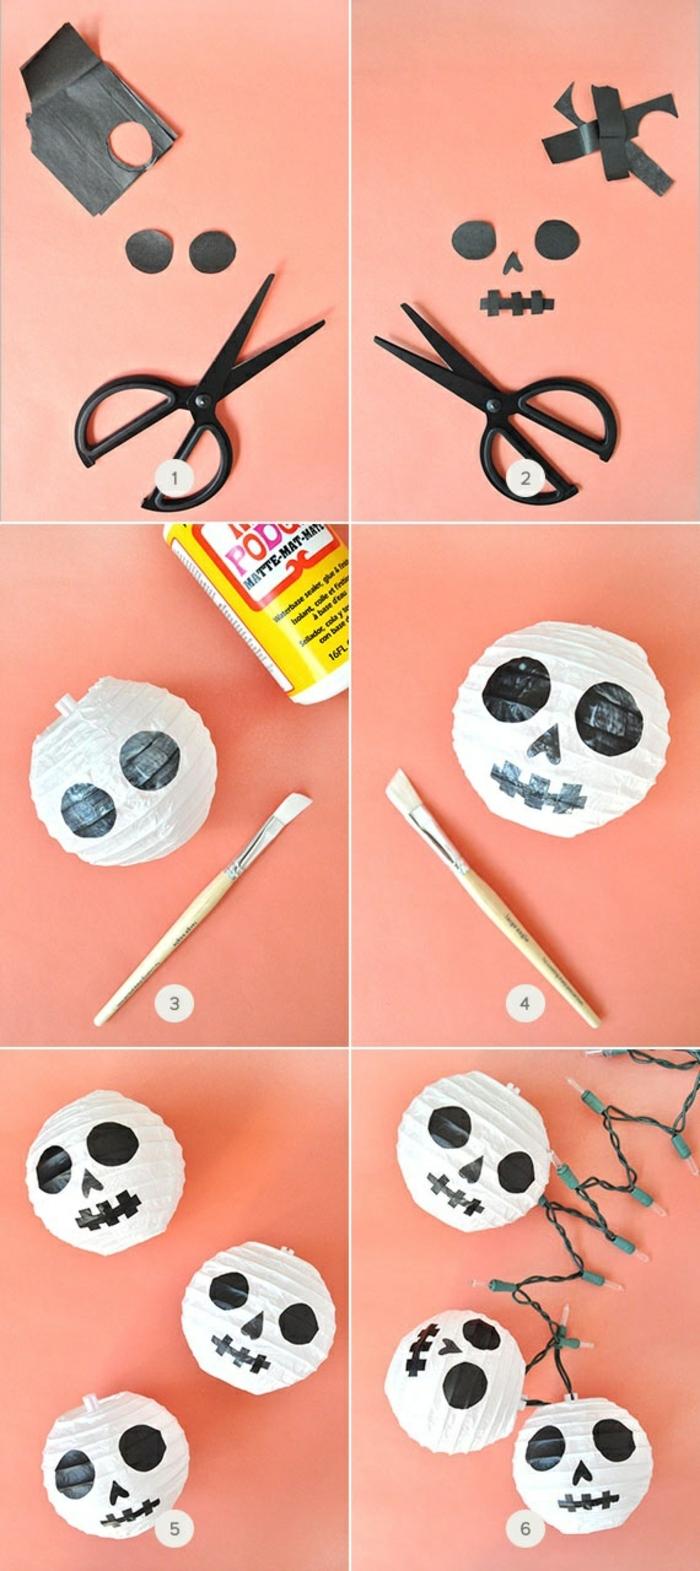 Bastelset Laterne, eine ausfürliche Anleitung, wie Sie die kleinen Mumien selber herstellen